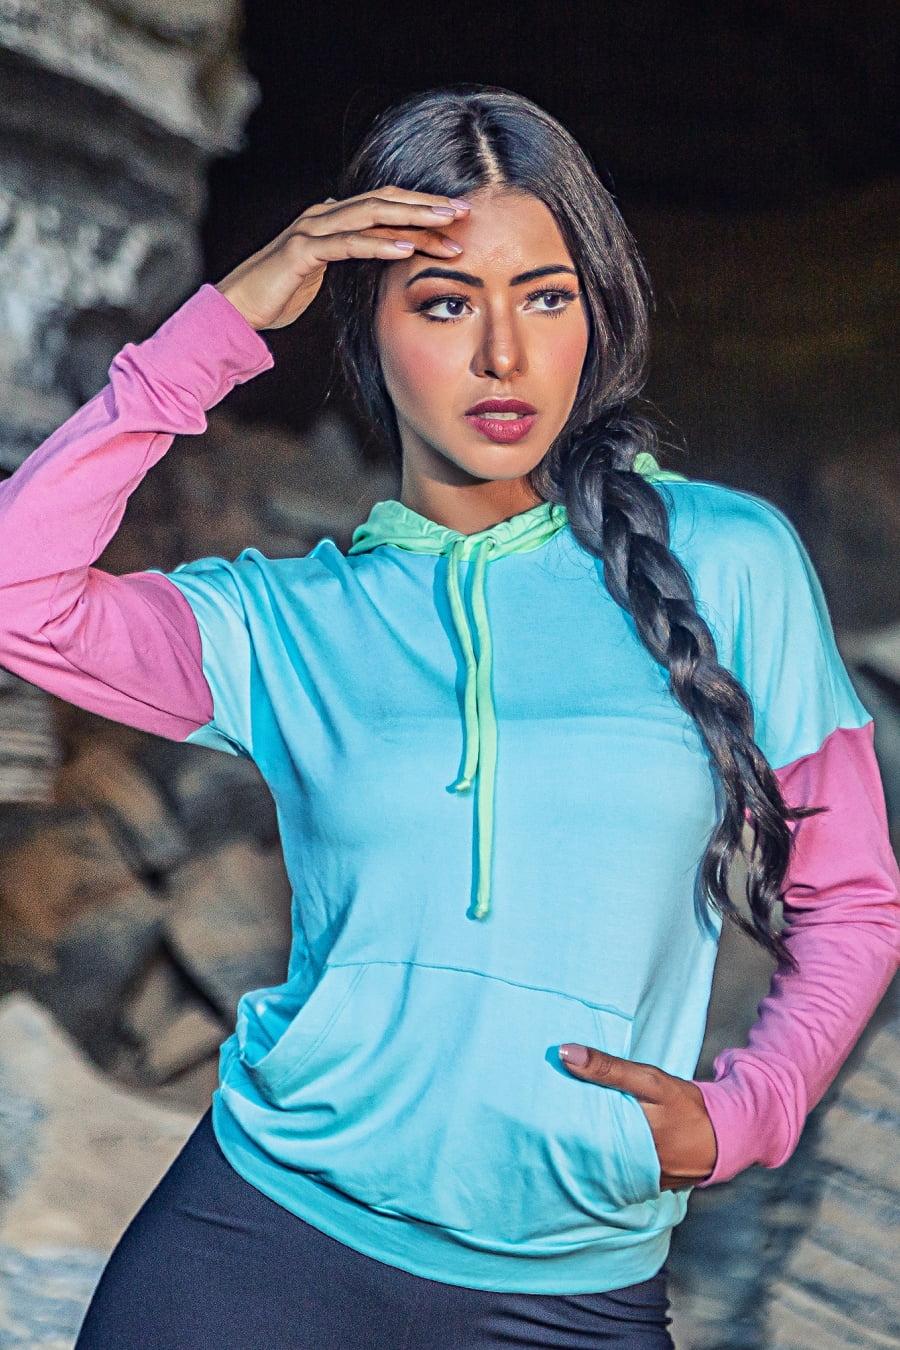 Blusa moletinho com bolso em mistura de cores